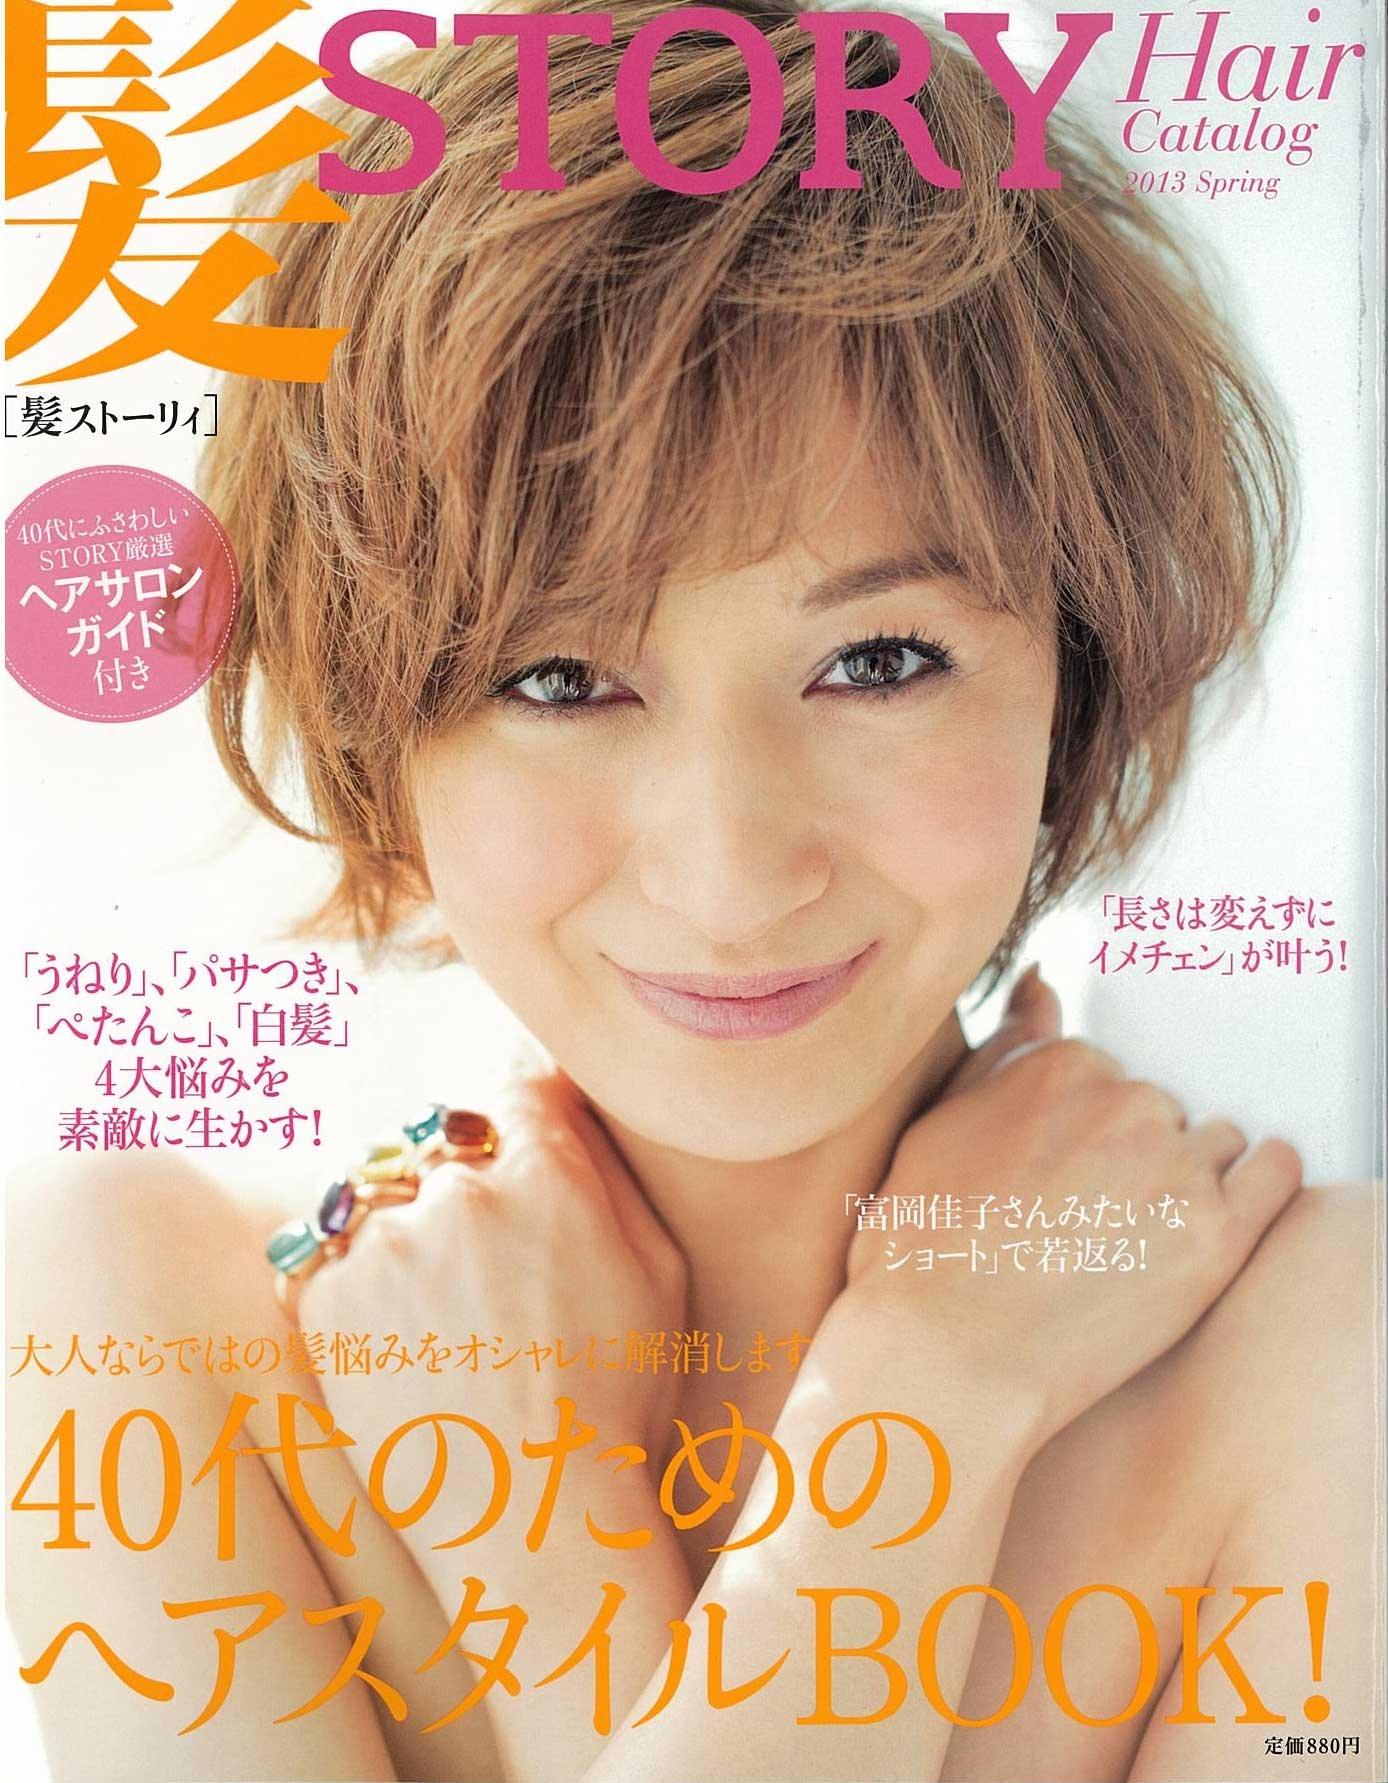 髪STORY Hair Catalog 2013 Spring\u201540代のためのヘアスタイルBOOK! (光文社女性ブックス VOL. 143)